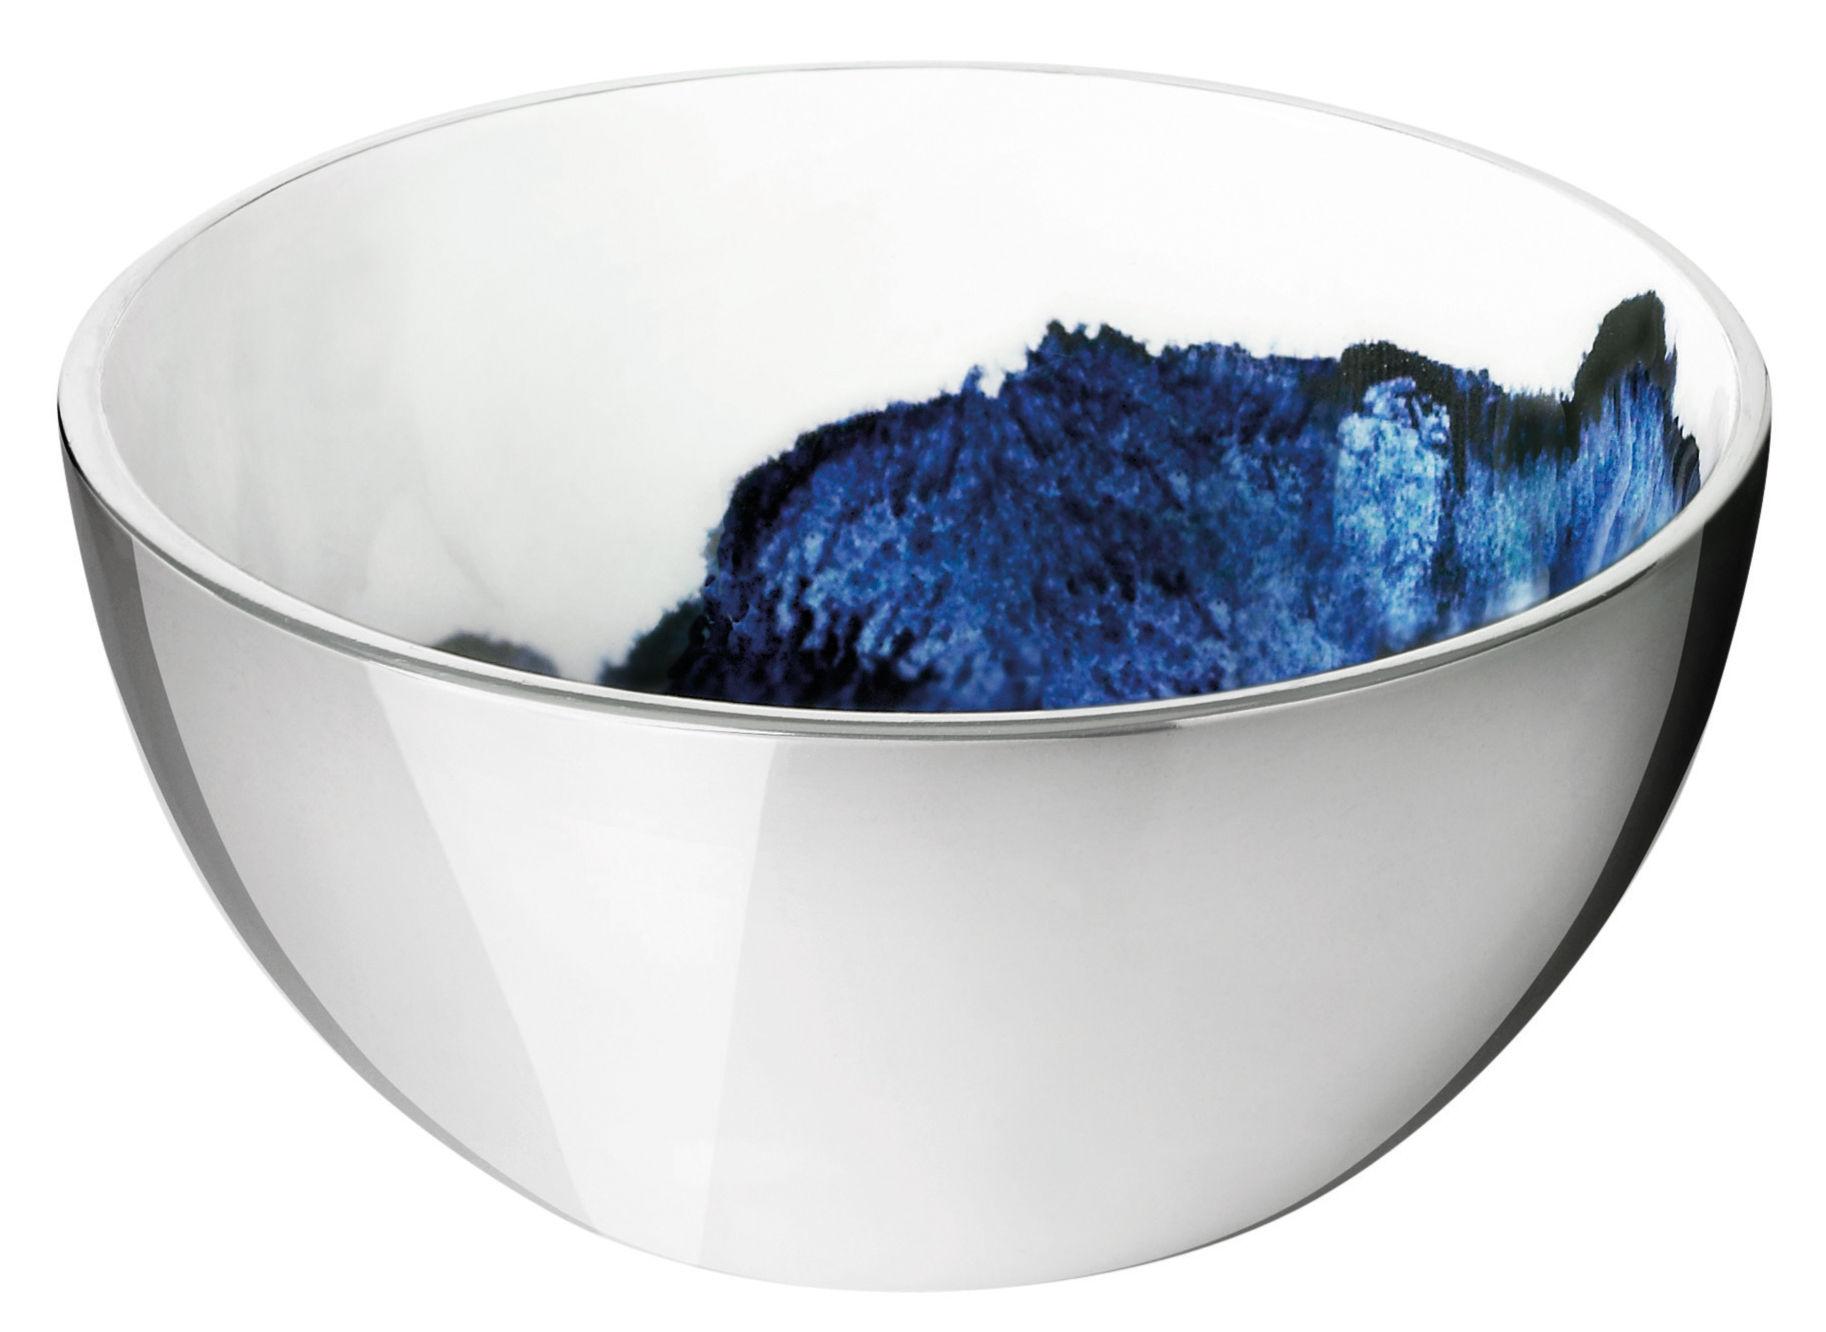 Tableware - Bowls - Stockholm Aquatic Small dish - Ø 10 x H 5,4 cm by Stelton - White & blue / Metal - Aluminium, Enamel